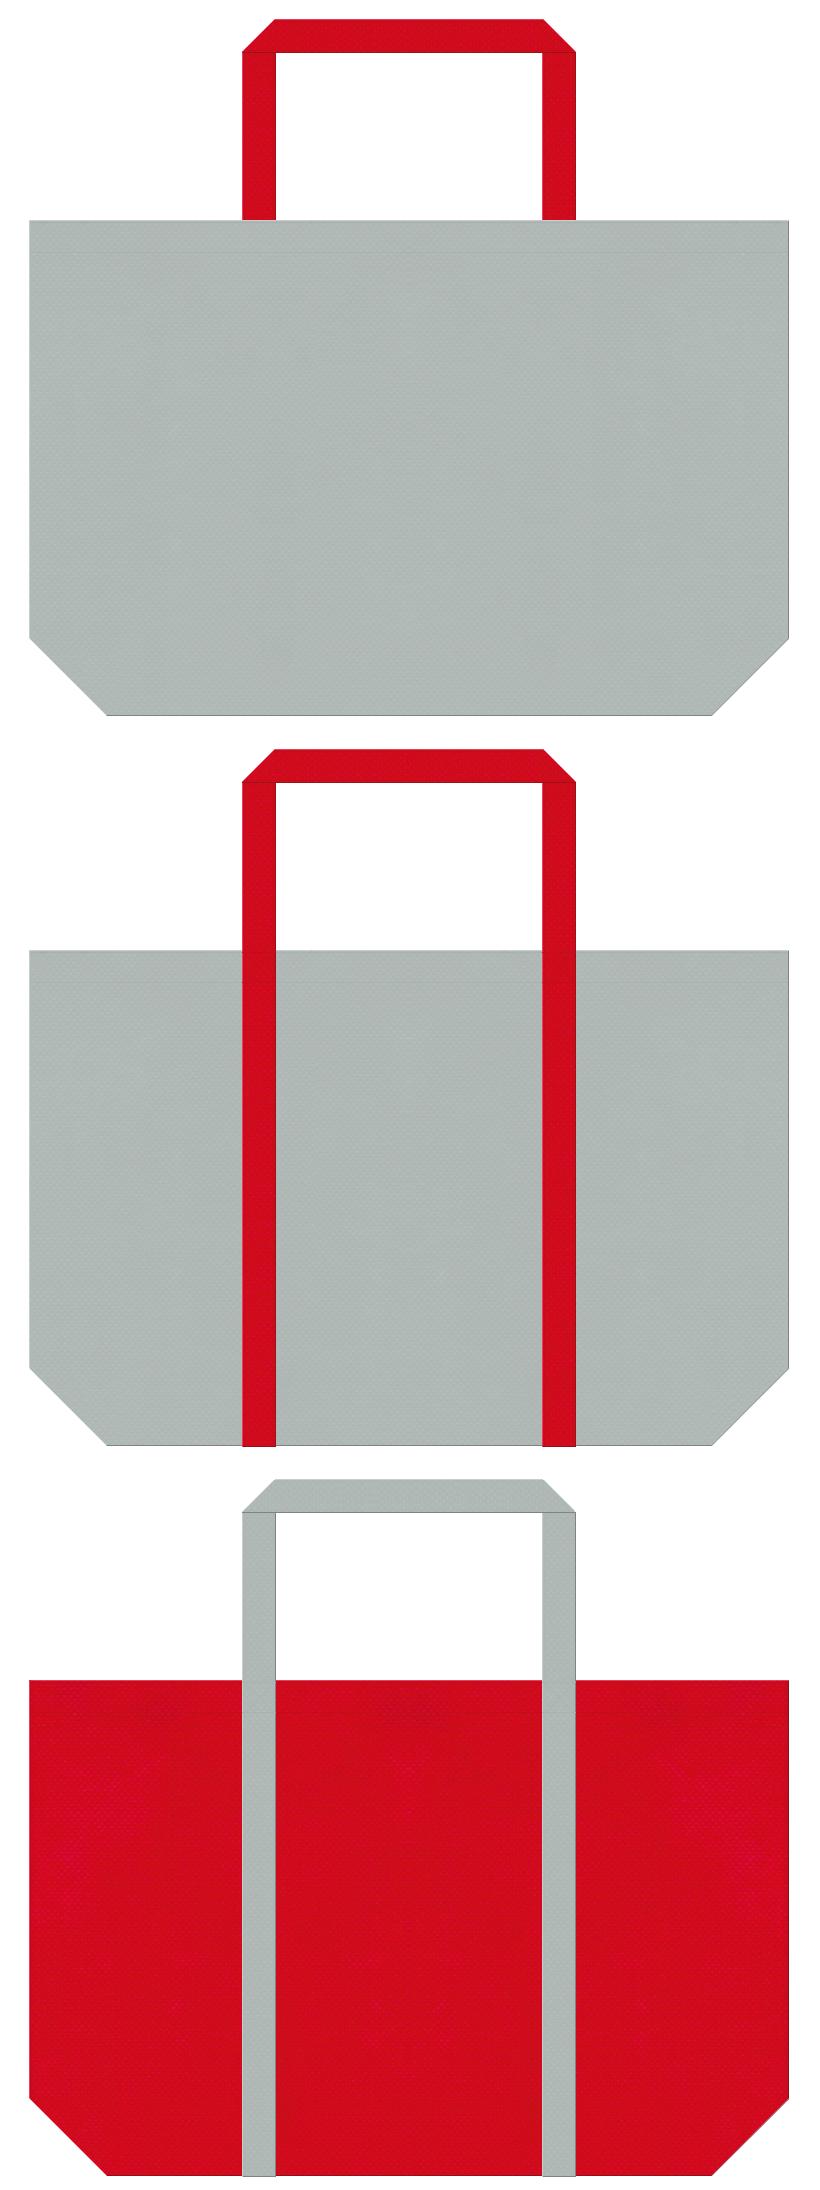 グレーと紅色の不織布エコバッグのデザイン。ラジコン・プラモデル等のホビー展示会用のバッグにお奨めです。